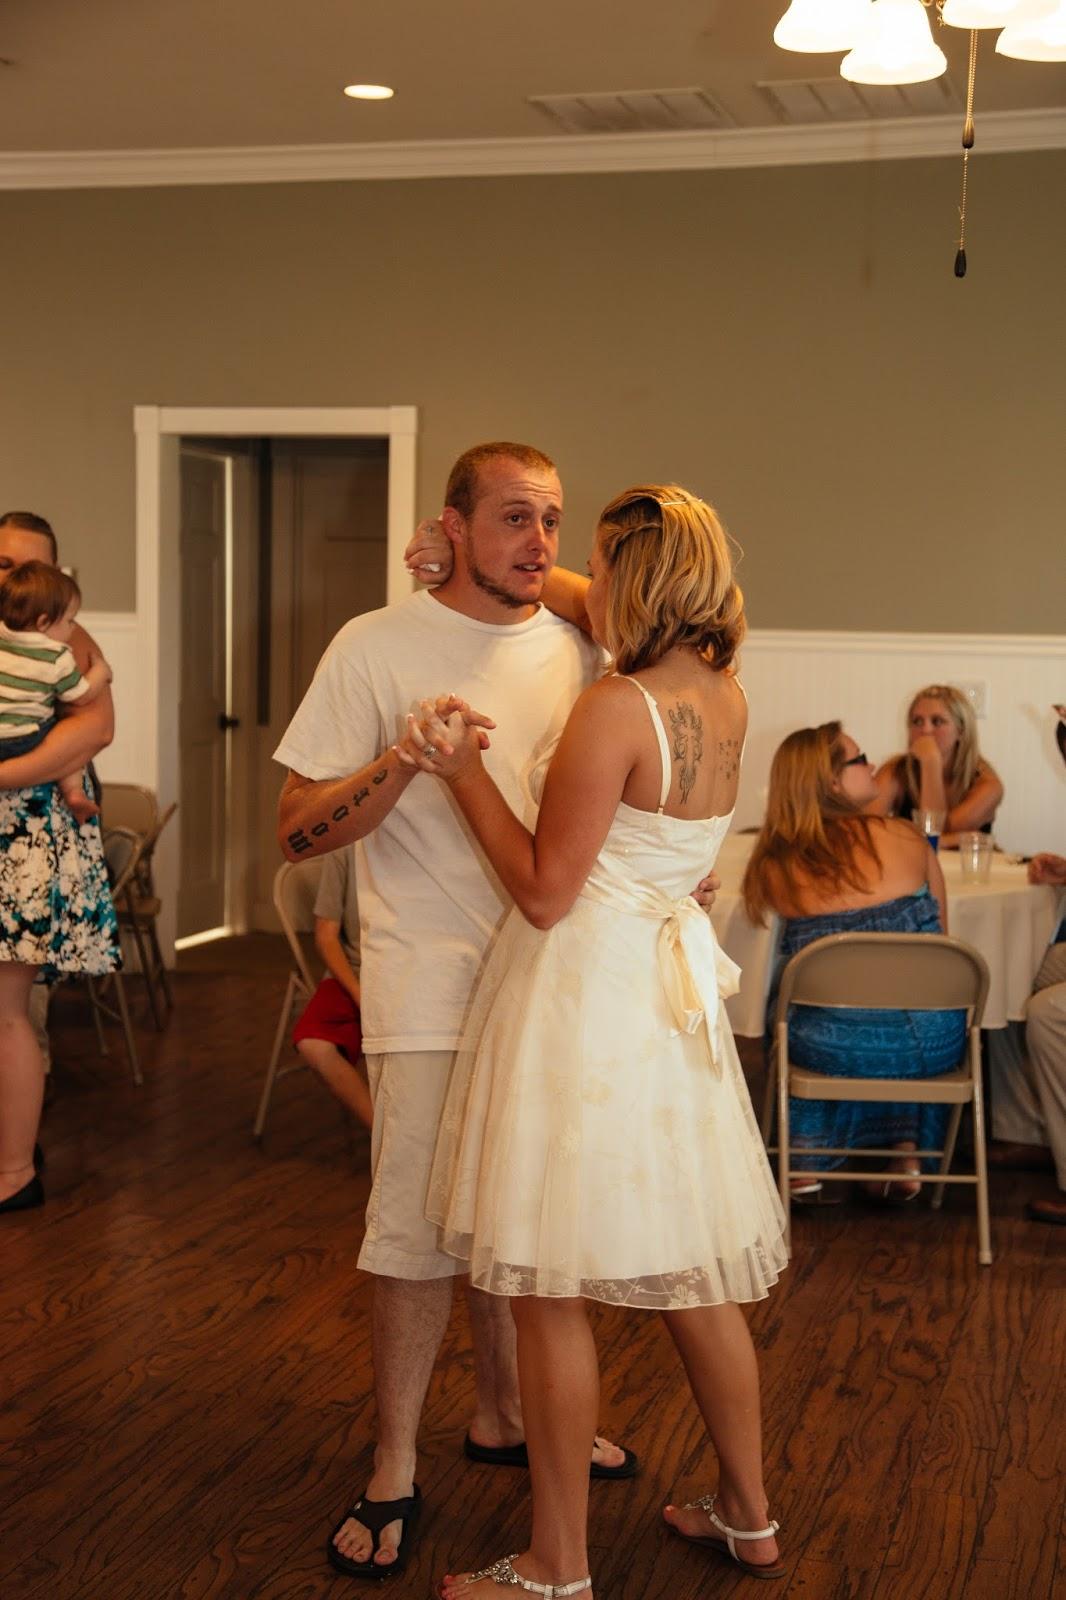 moore+wedding-74.jpg